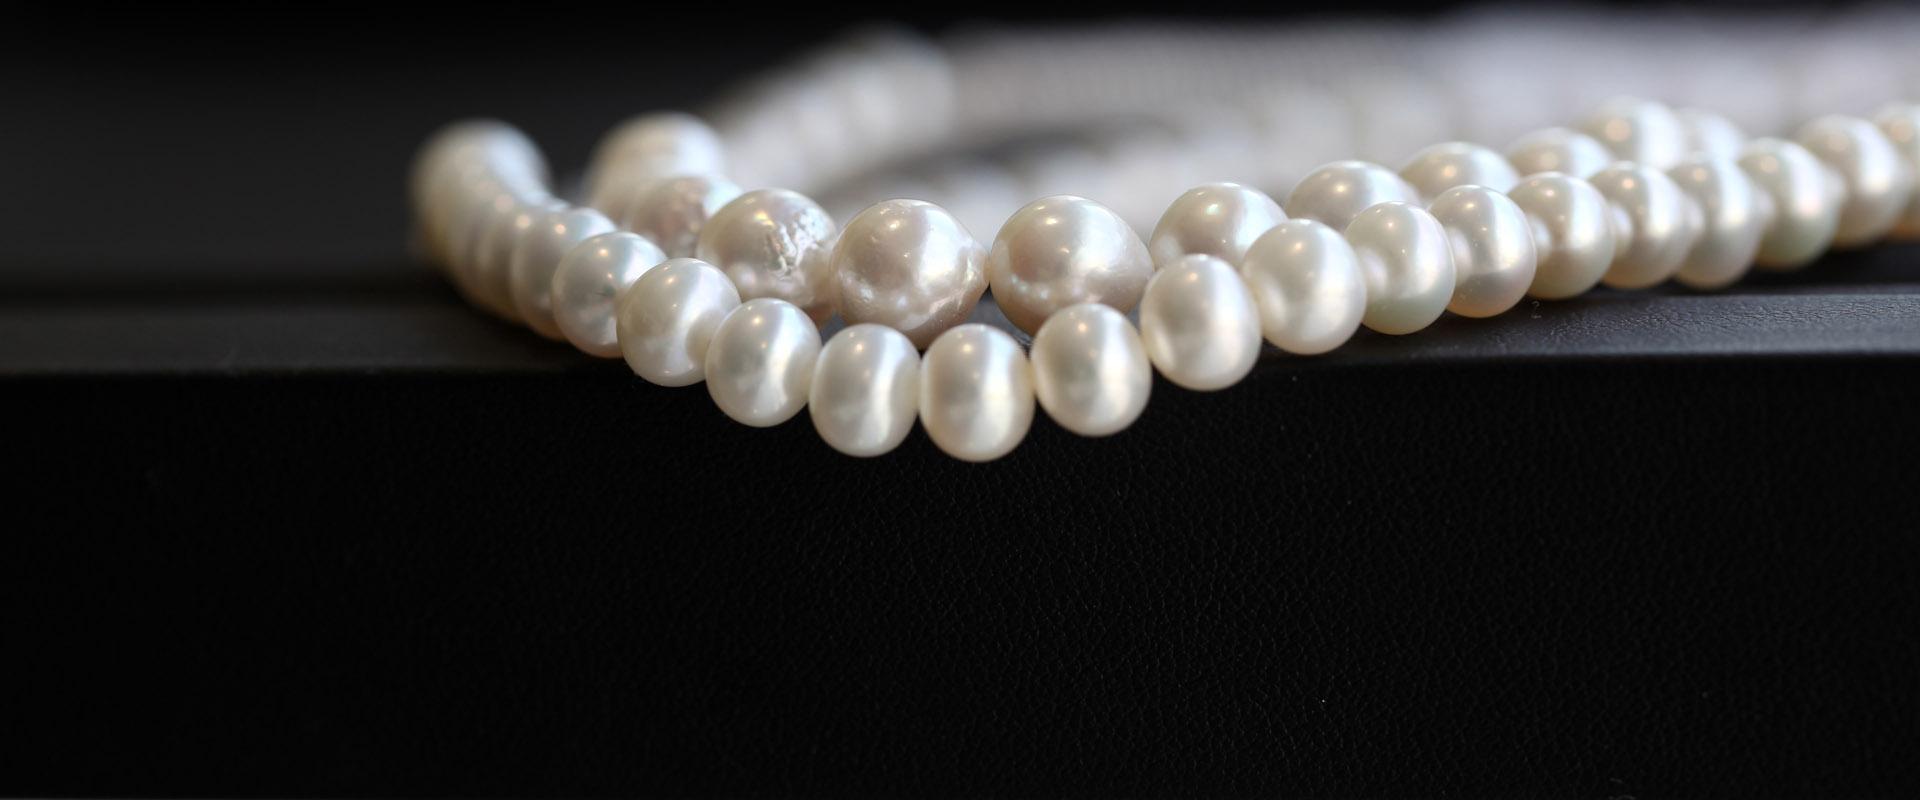 Tobias Mardorf bietet echte Perlen an